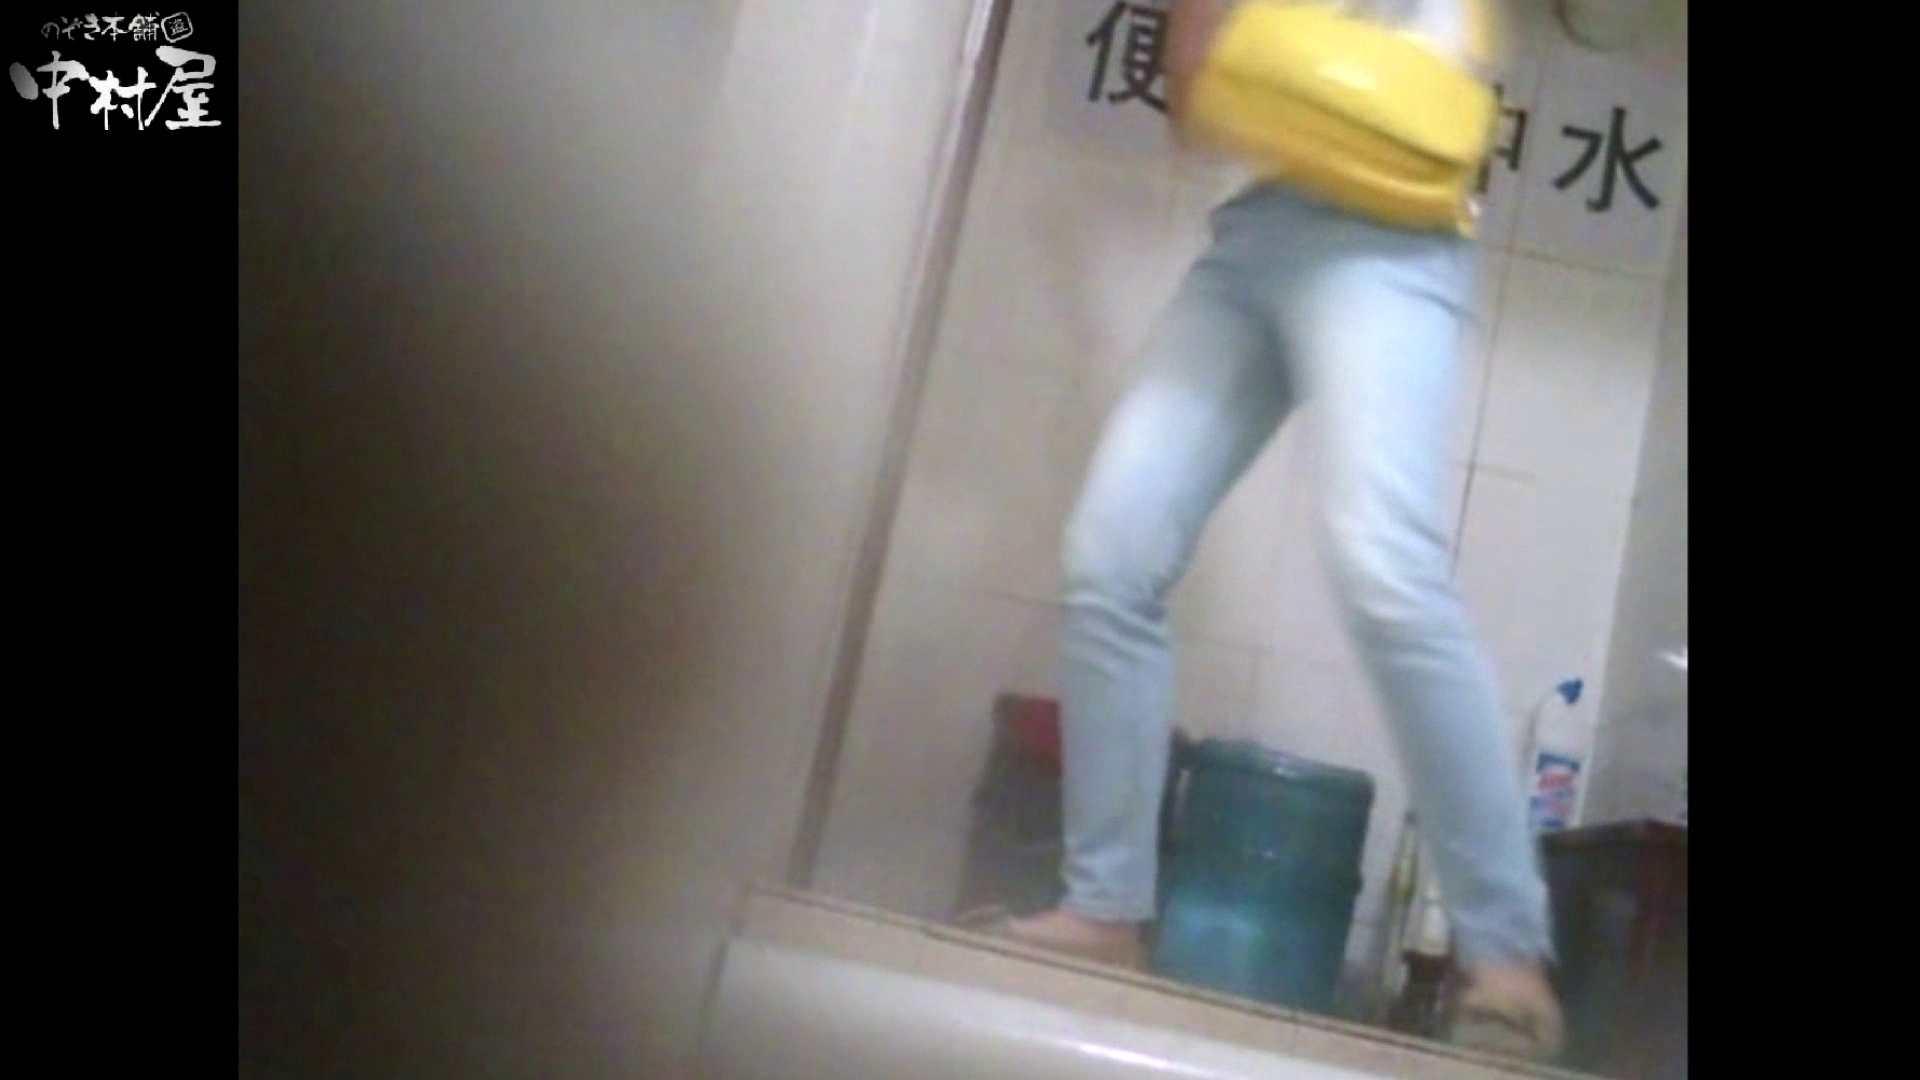 李さんの盗撮日記 Vol.13 トイレ | ギャルのエロ動画 盗撮 93PIX 89